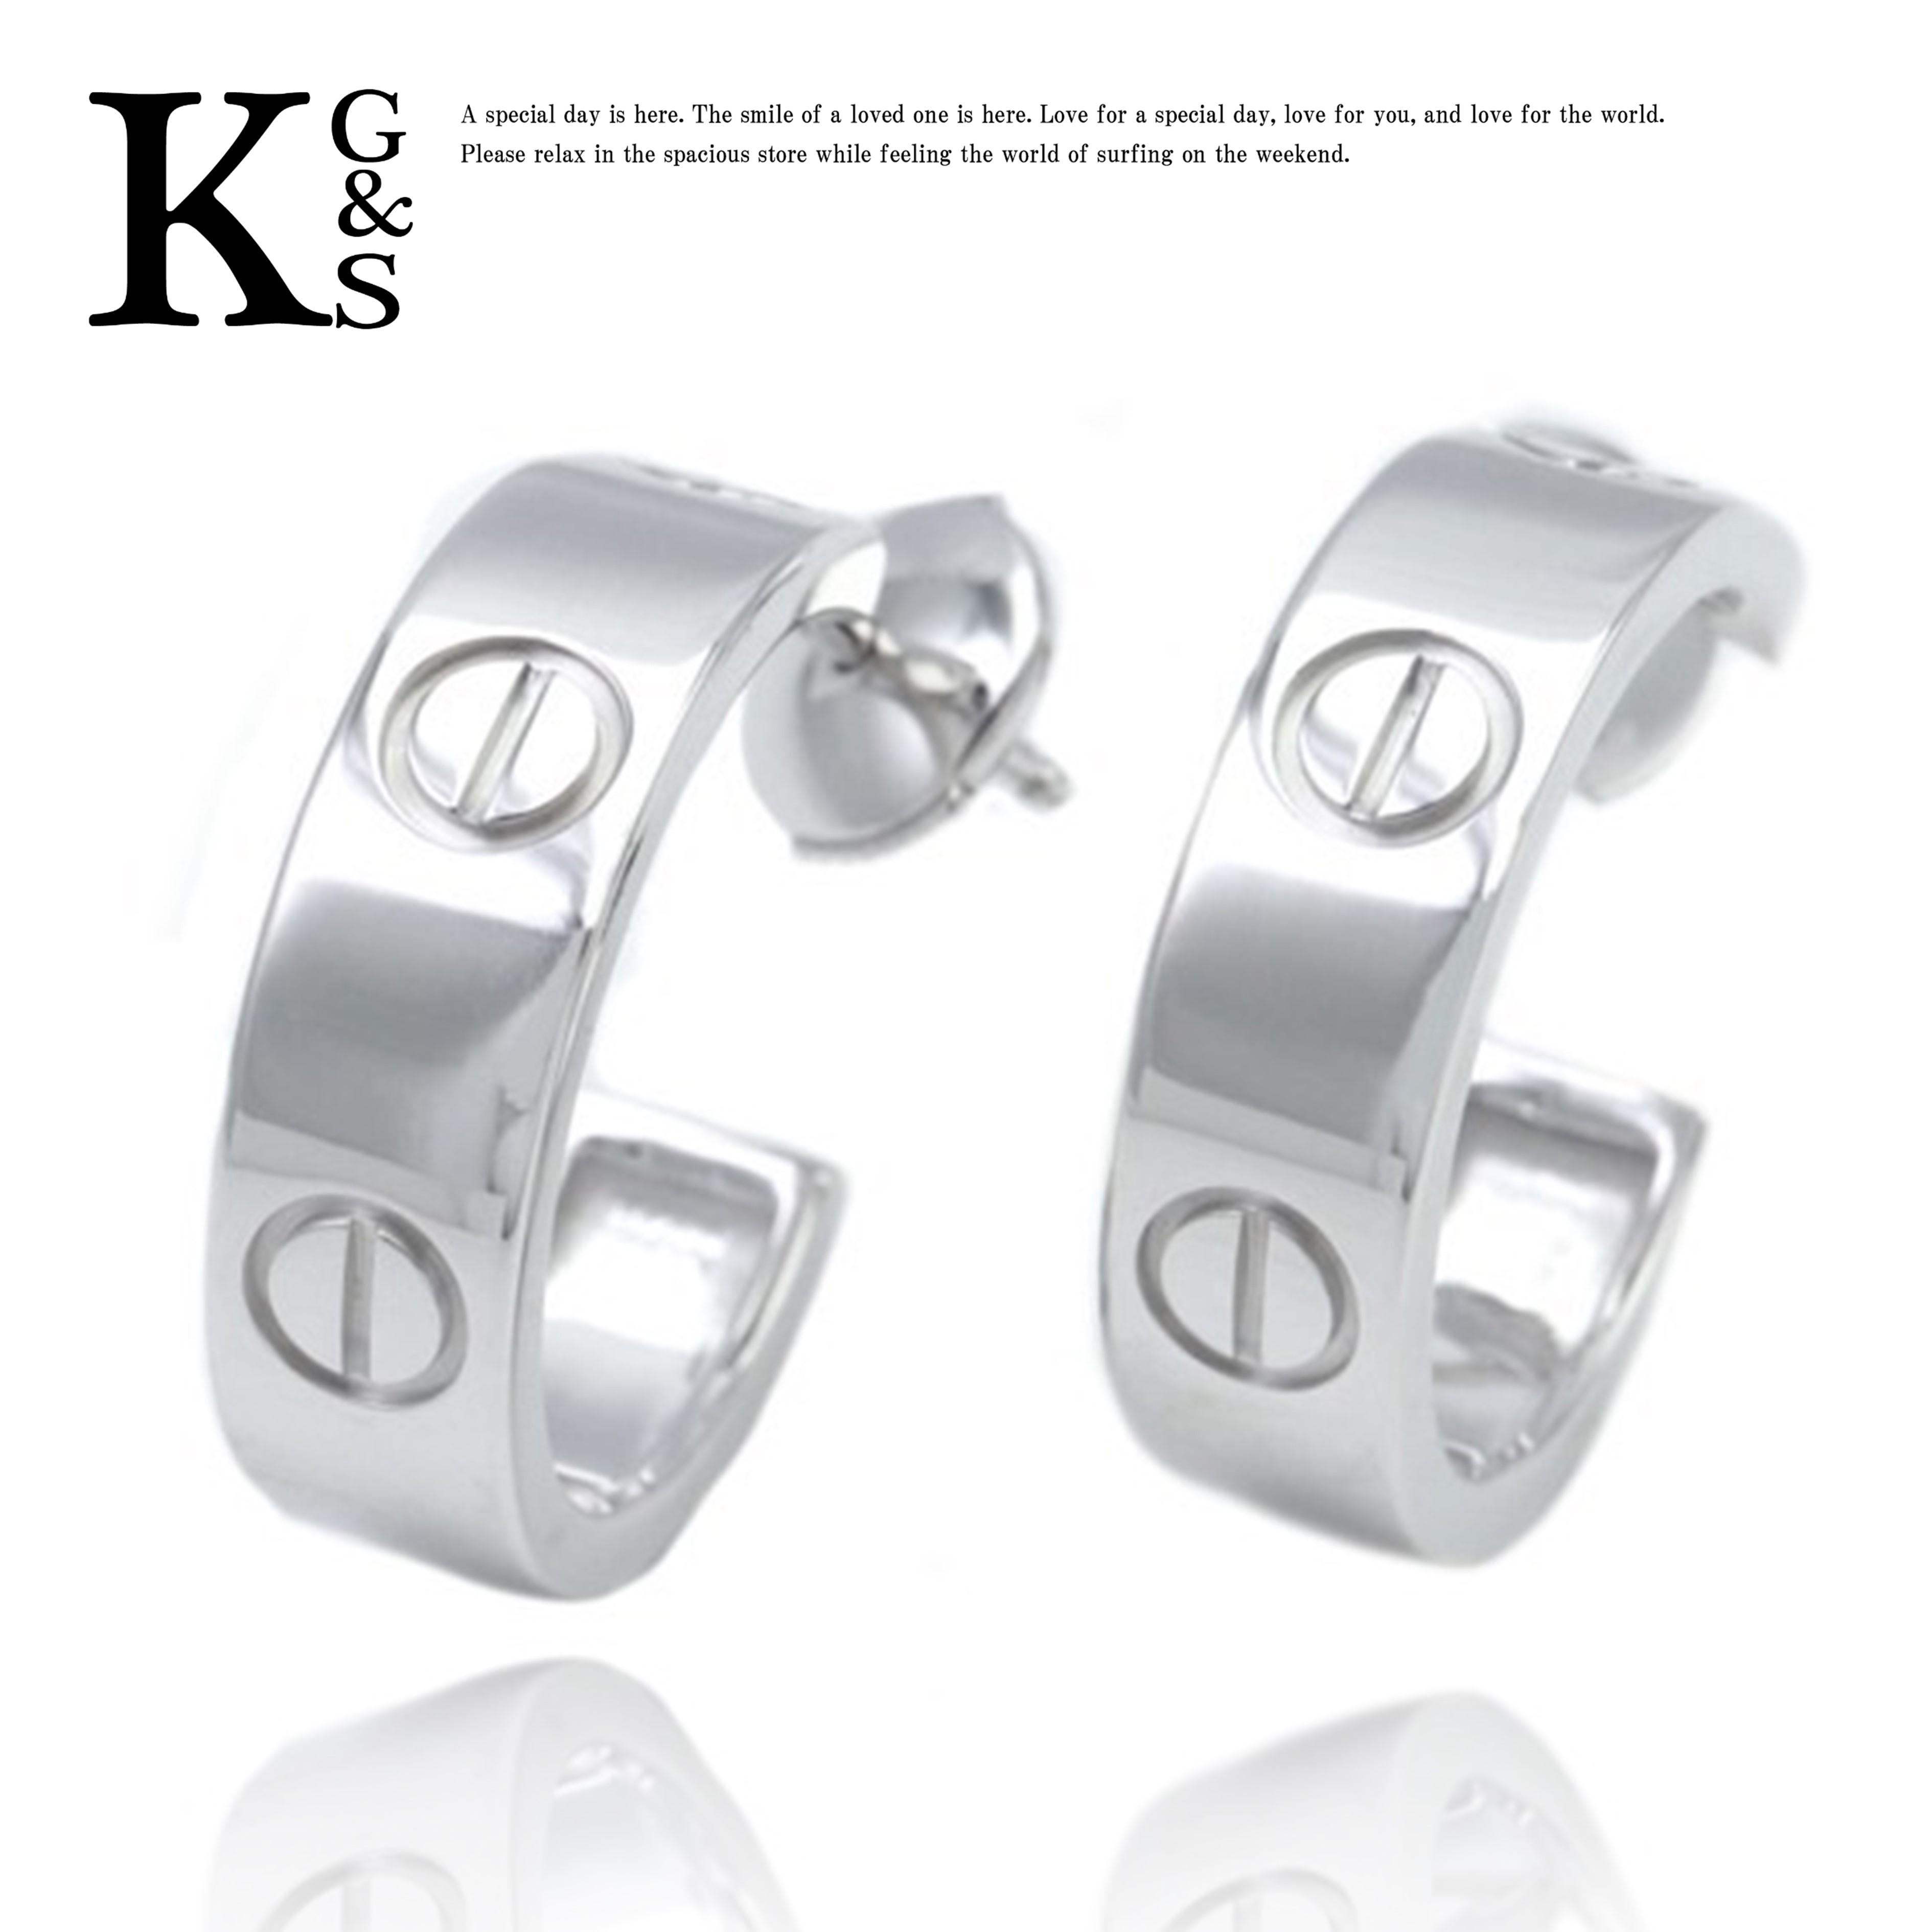 【ギフト品質】カルティエ/Cartier レディース ジュエリー LOVE ラブピアス K18WG ホワイトゴールド